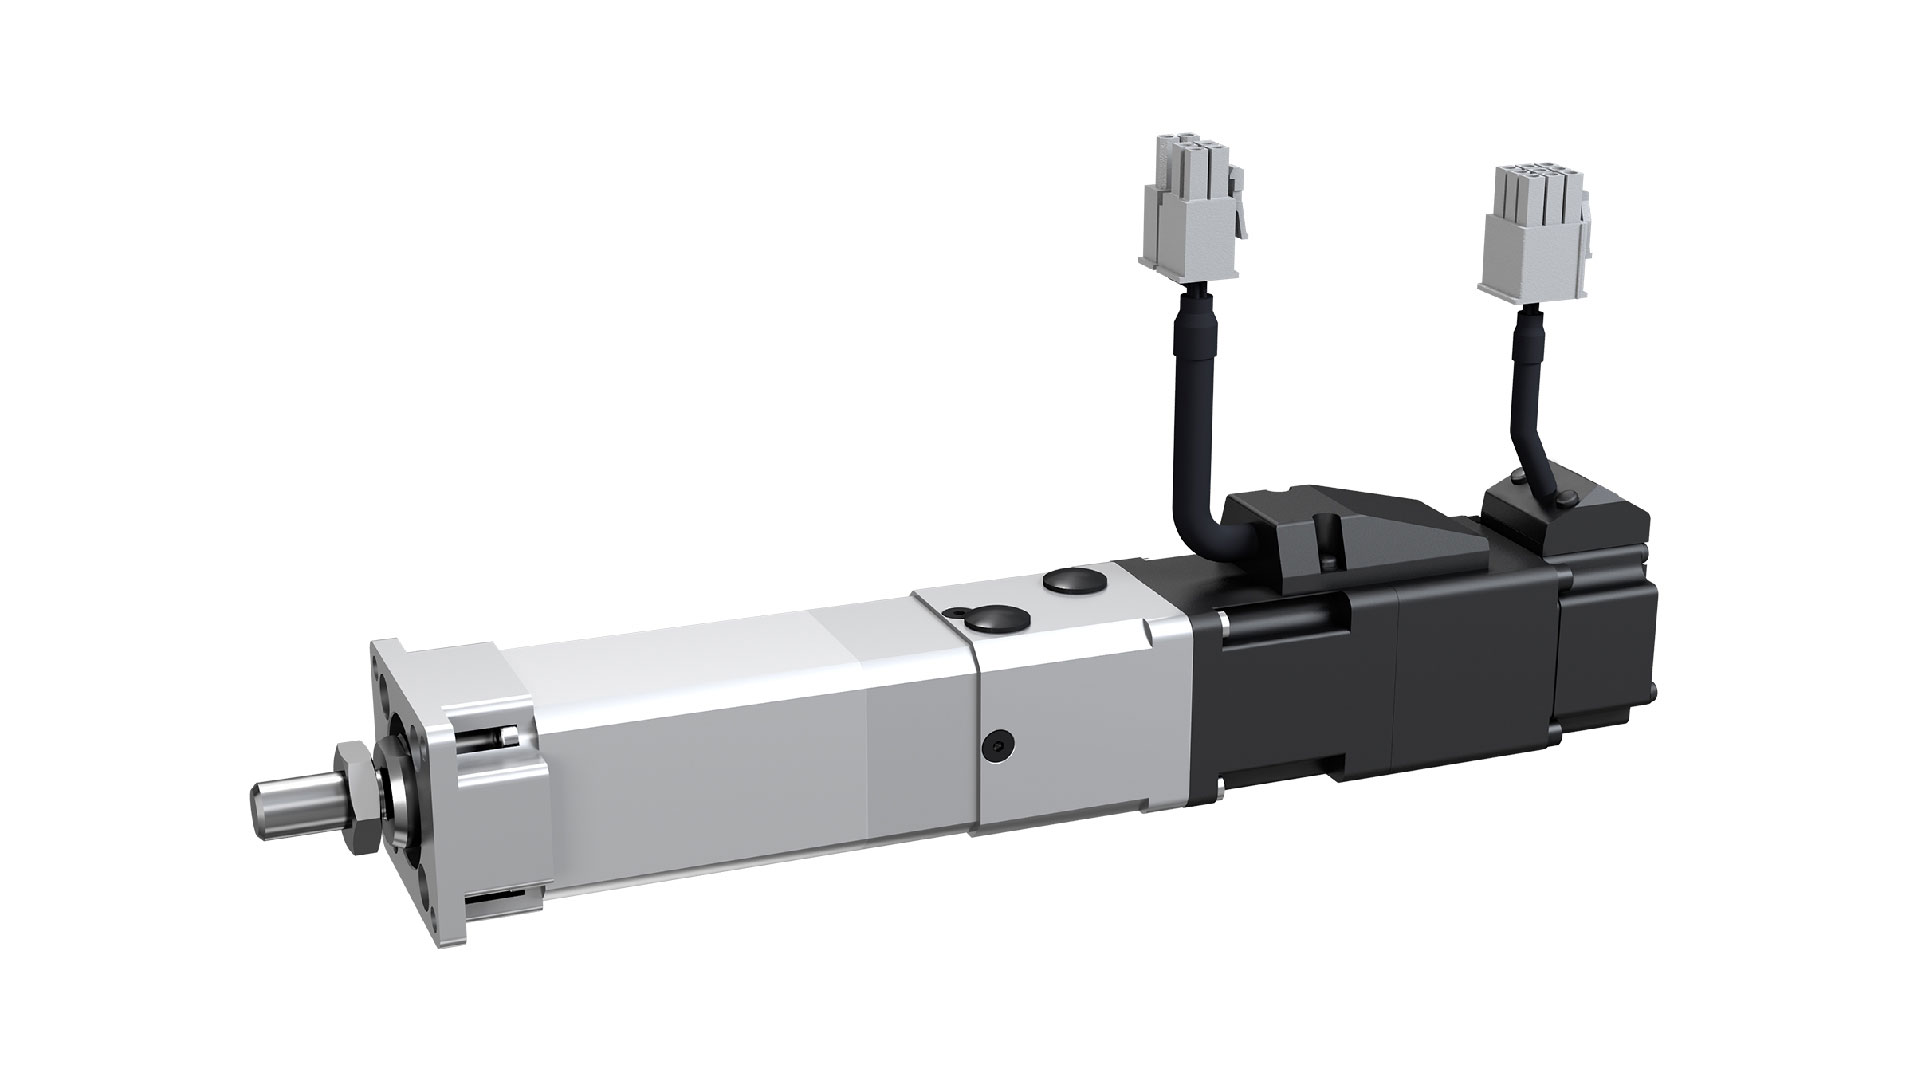 Xi lanh điện hiệu suất cao CASM-25 lắp cho máy trợ thở